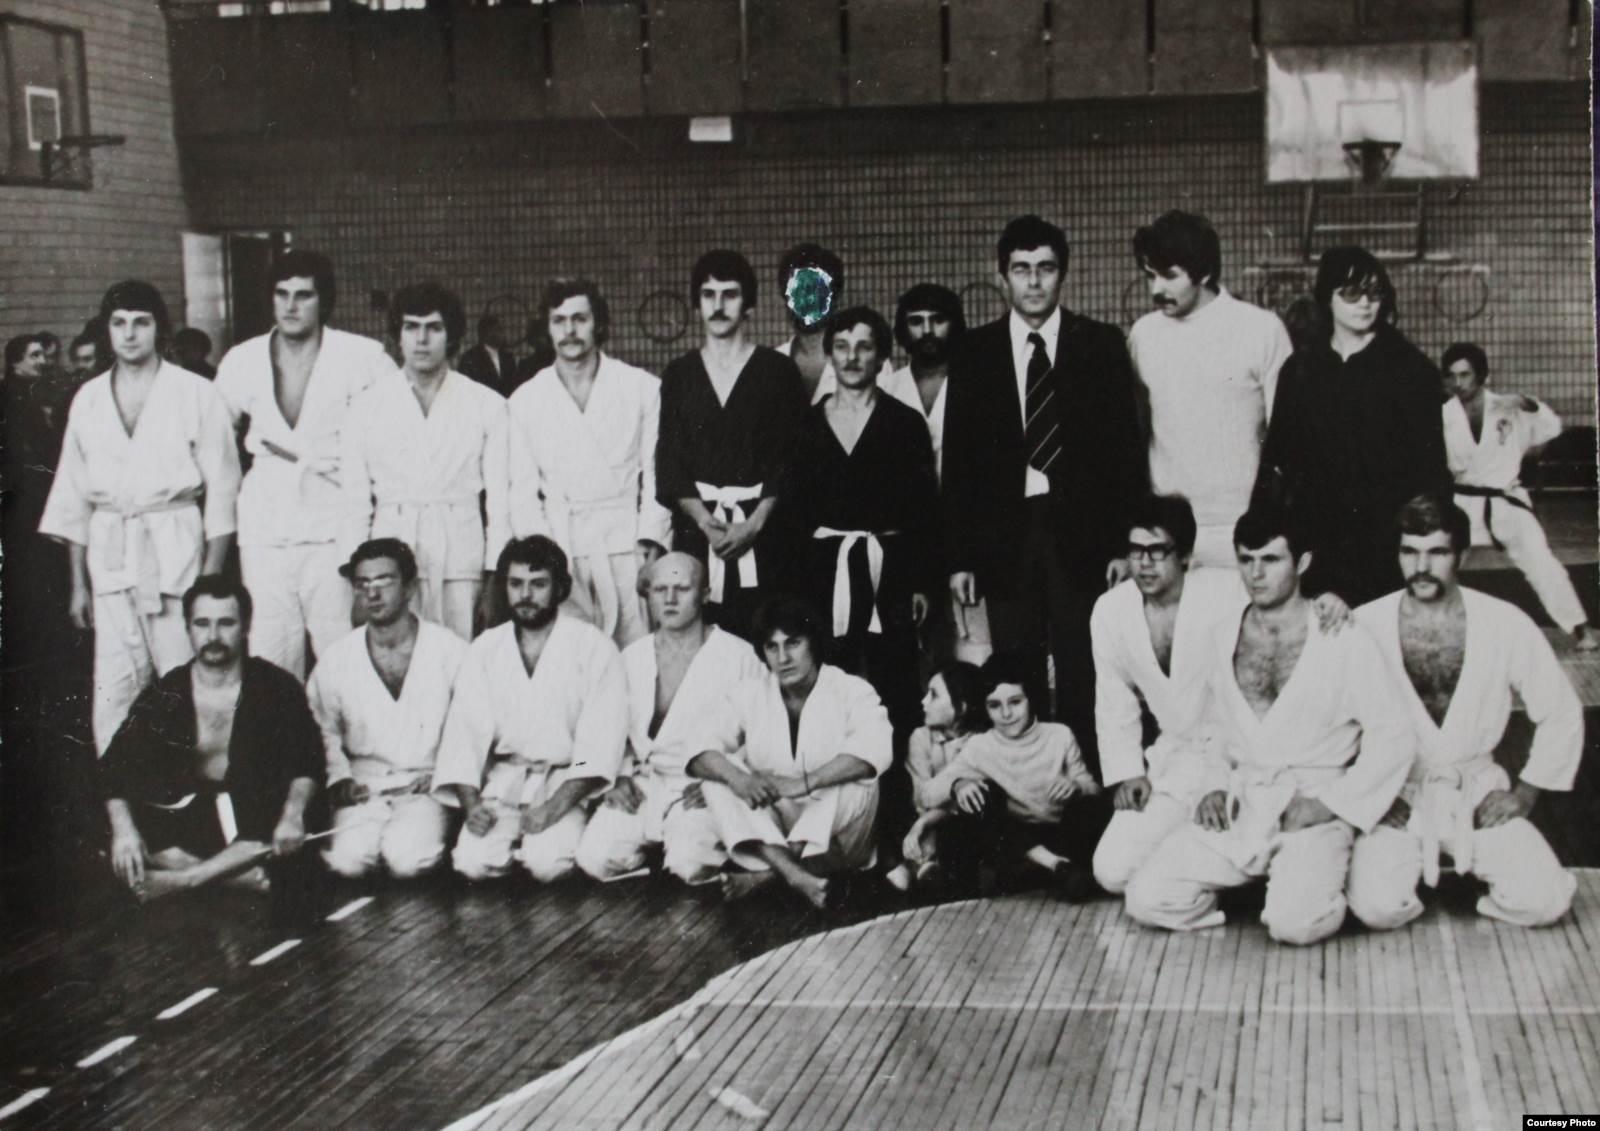 Рудольф Каценбоген с учениками, 1970-е. Во втором ряду крайний слева — Лесь Подервянский. В первом ряду третий слева — Борис Шелест, сын бывшего первого секретаря ЦК КПУ Петра Шелеста